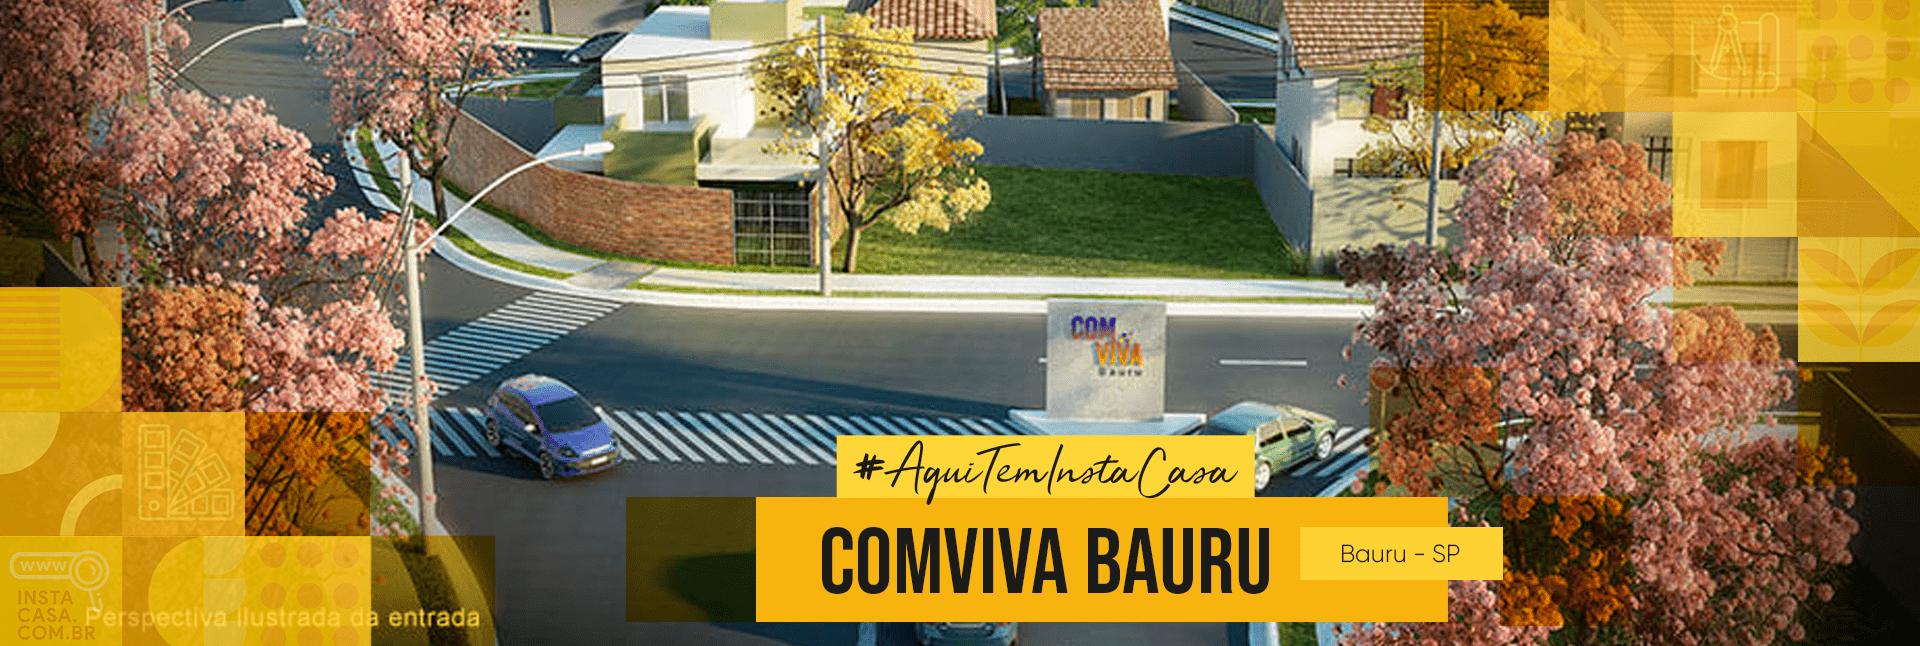 Comviva Bauru